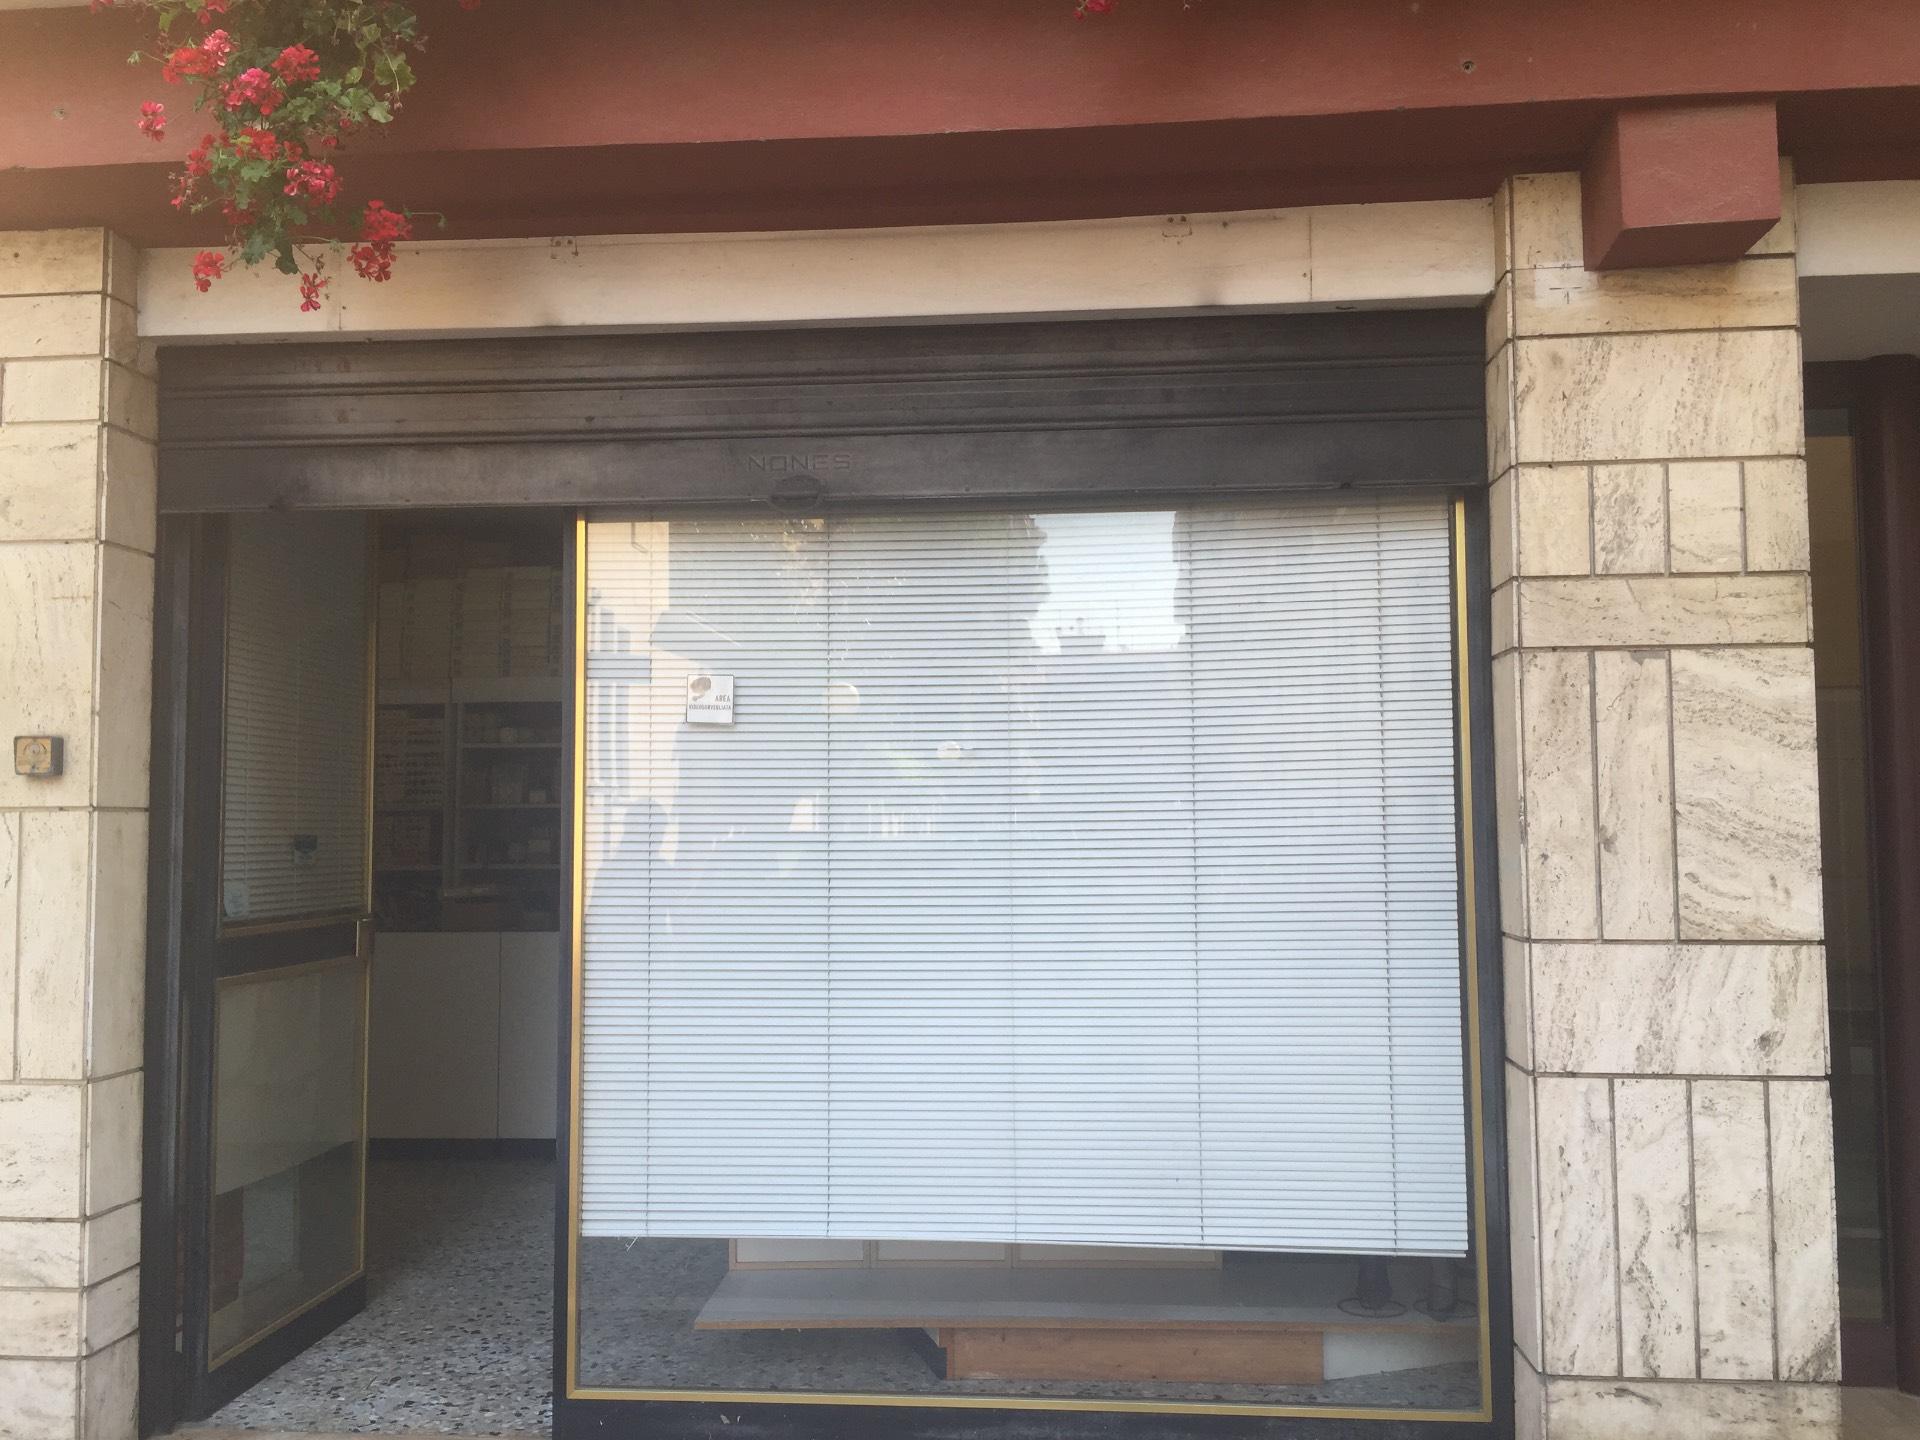 Negozio / Locale in vendita a Pescara, 9999 locali, prezzo € 62.000 | CambioCasa.it